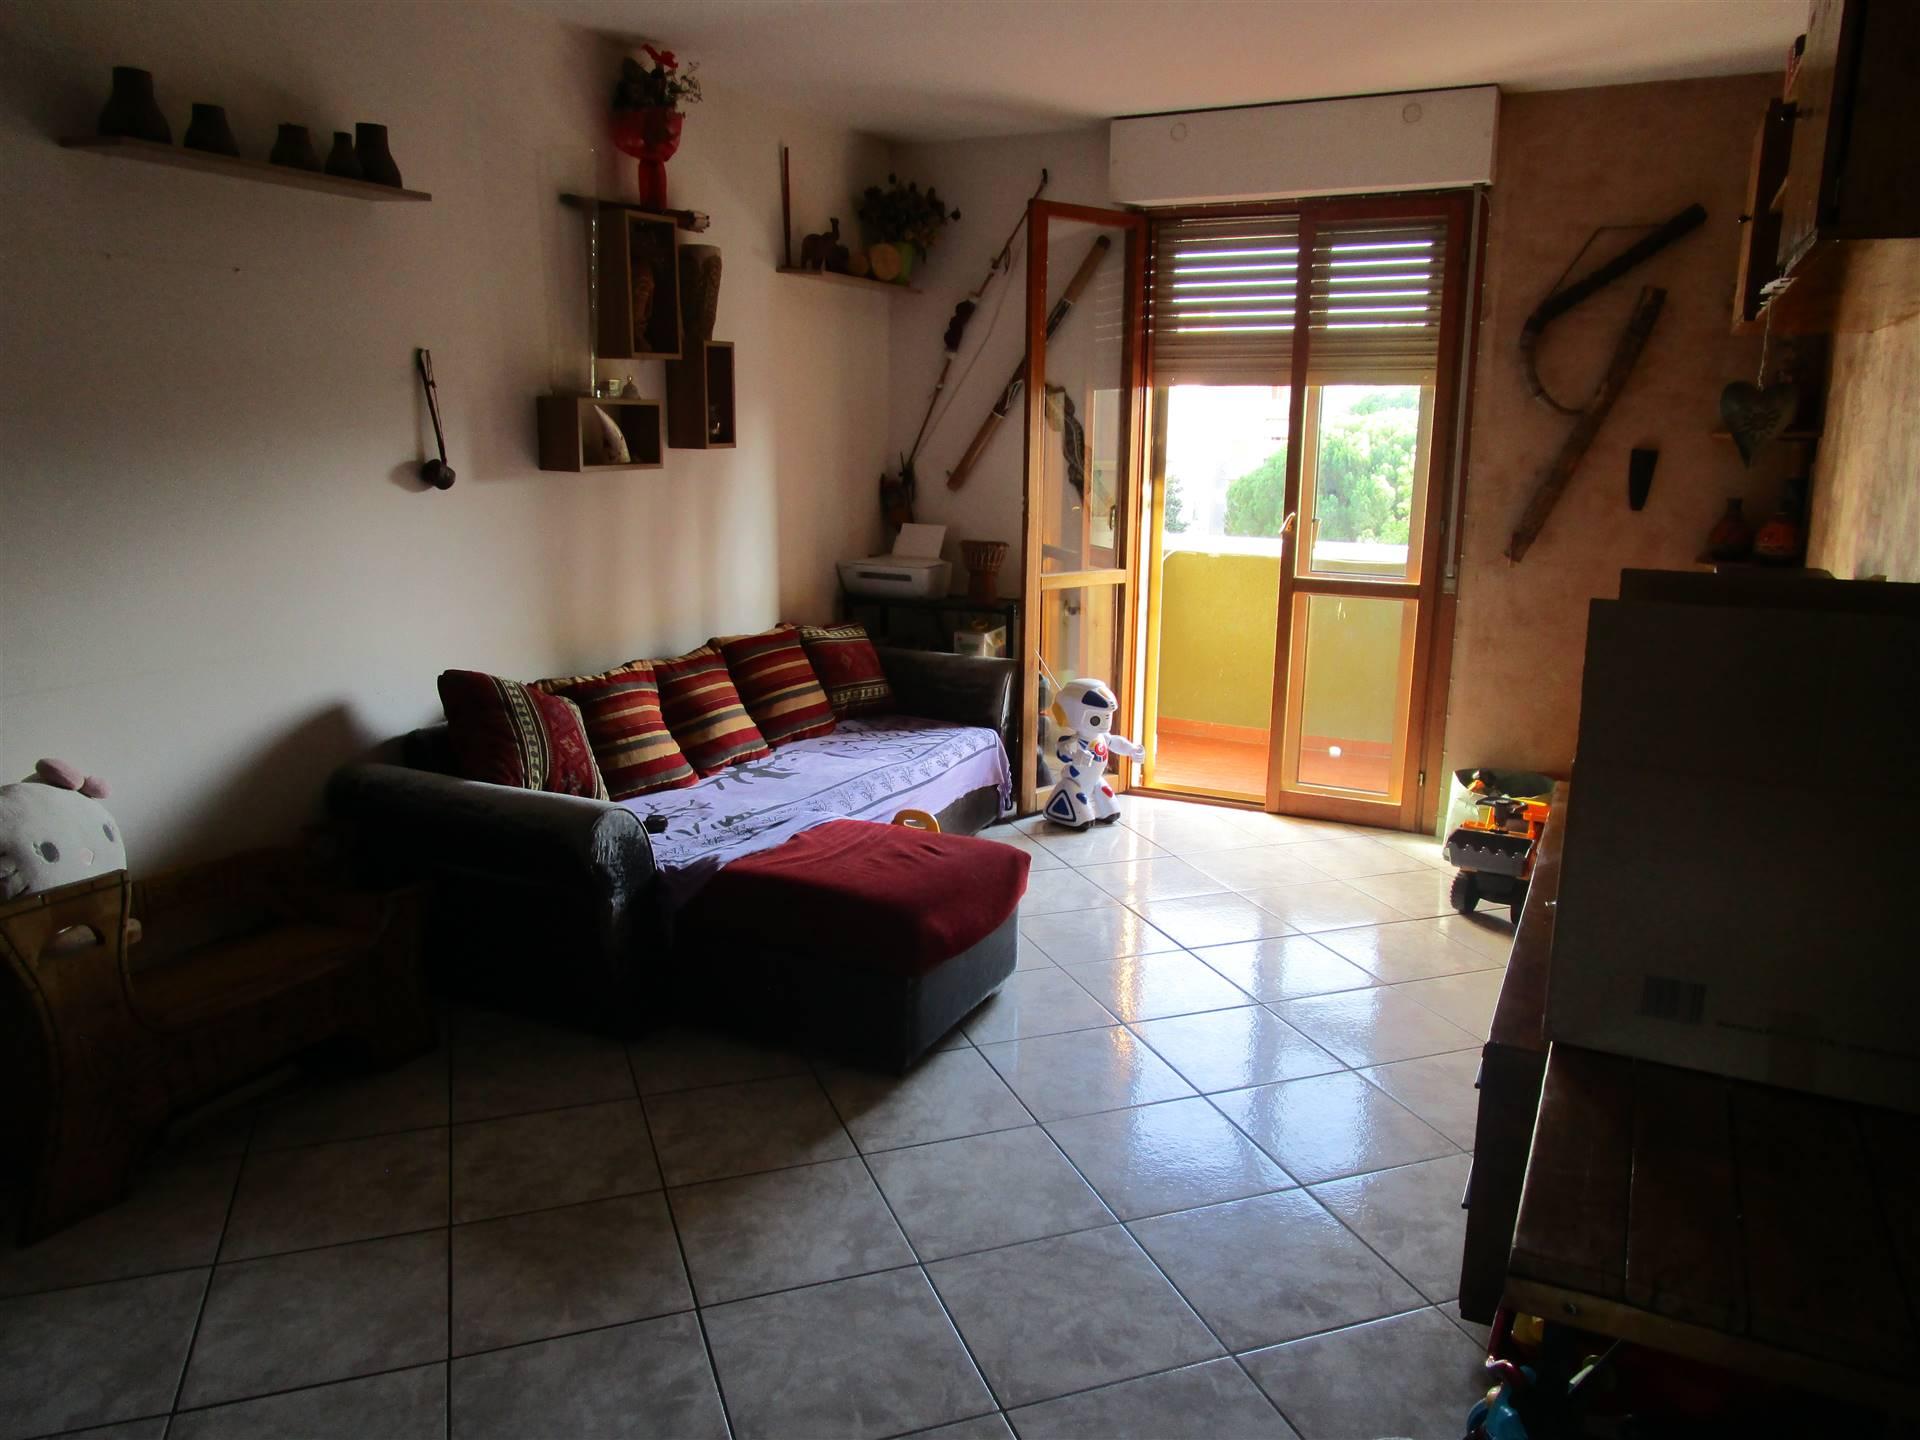 Appartamento in Vendita a Prato zona Fontanelle - immagine 8